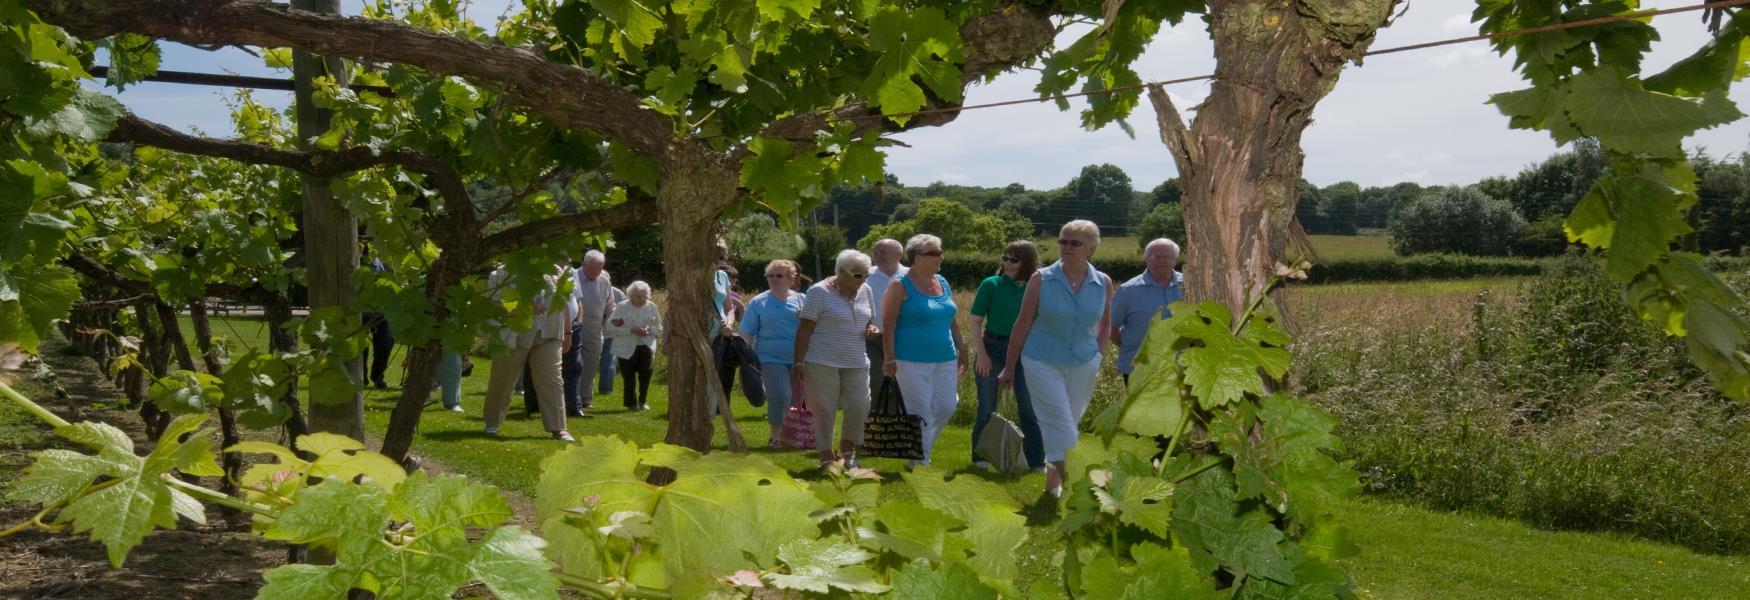 Guided tour of Biddenden Vineyard